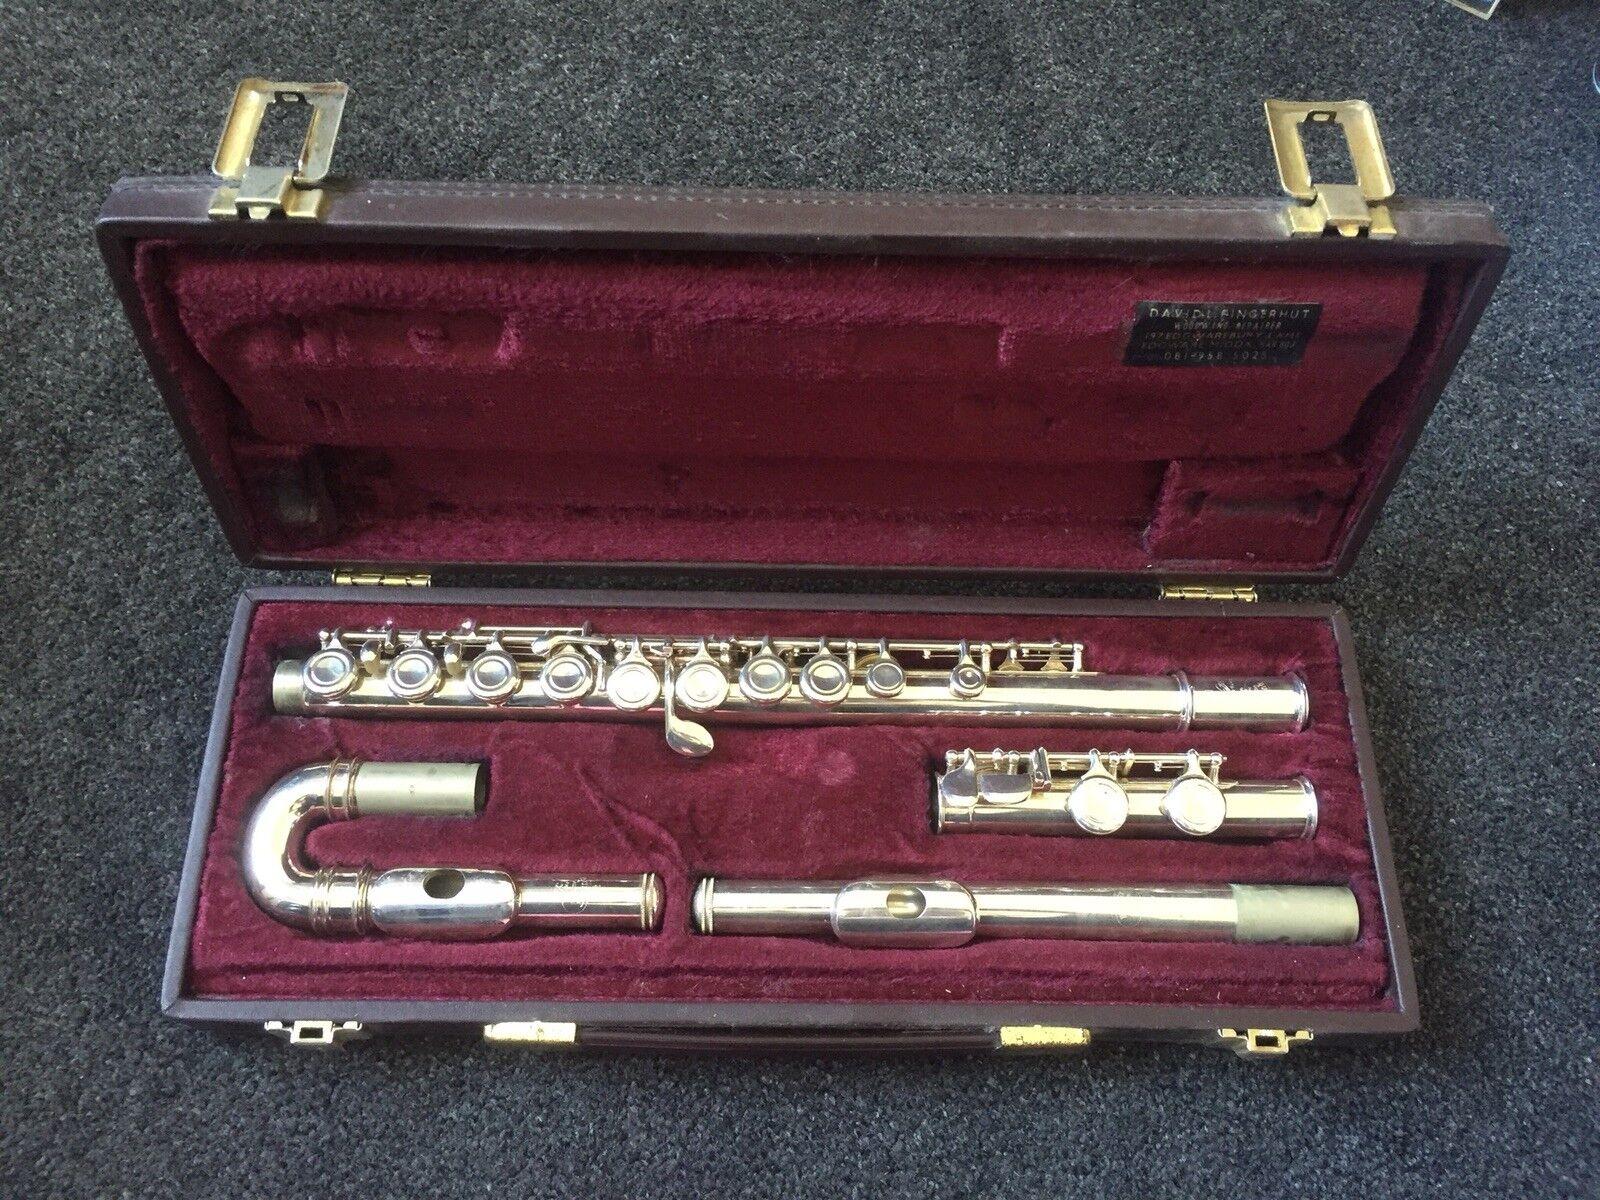 Buffet Crampon Crampon Crampon flauta con Curvo Y Recto Casco ae316d